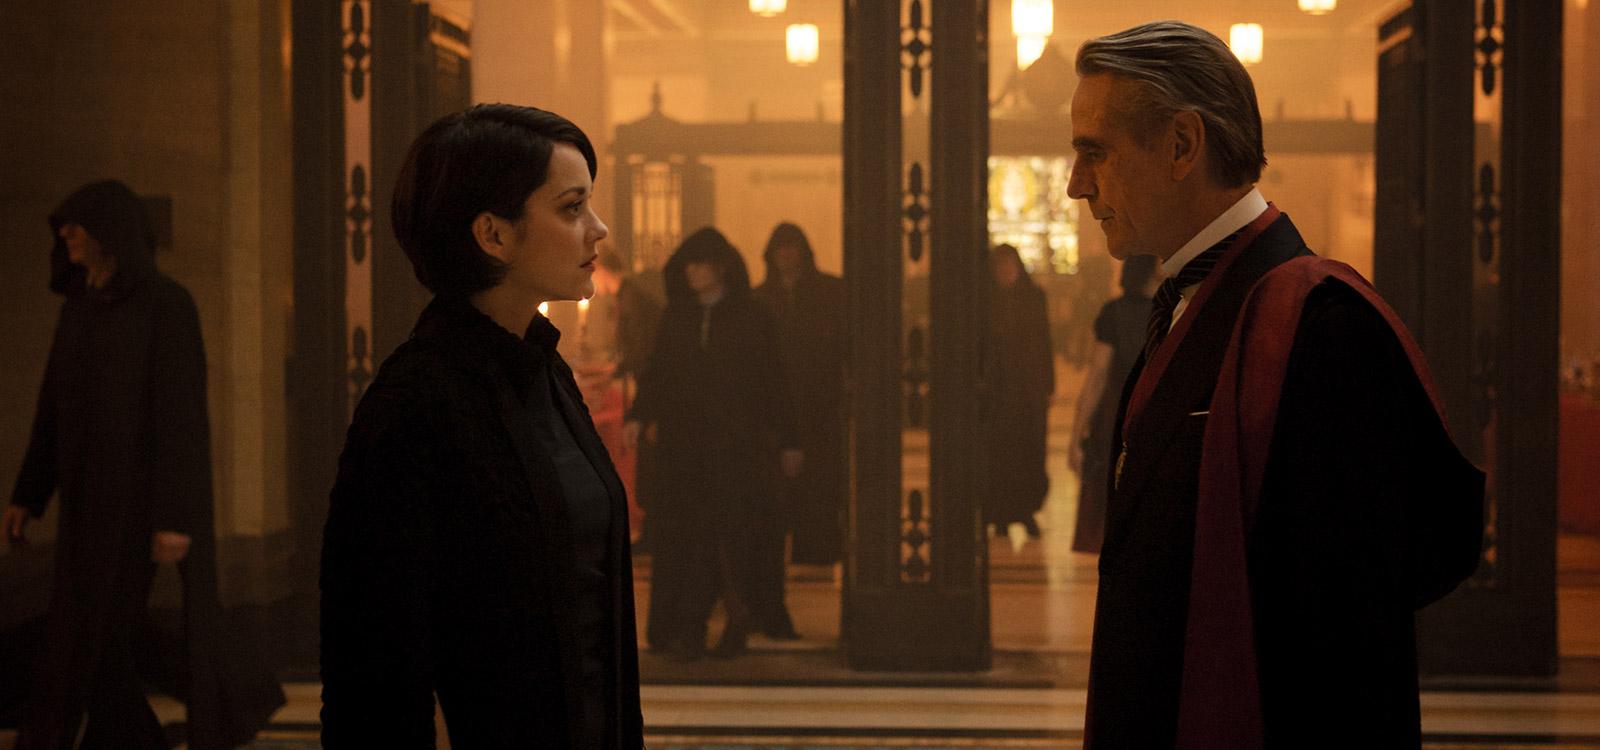 Szenenbild: Die Vertreter der Templer Sofia Rikkin (Marion Cottilard) und ihr Vater (Jeremy Irons)